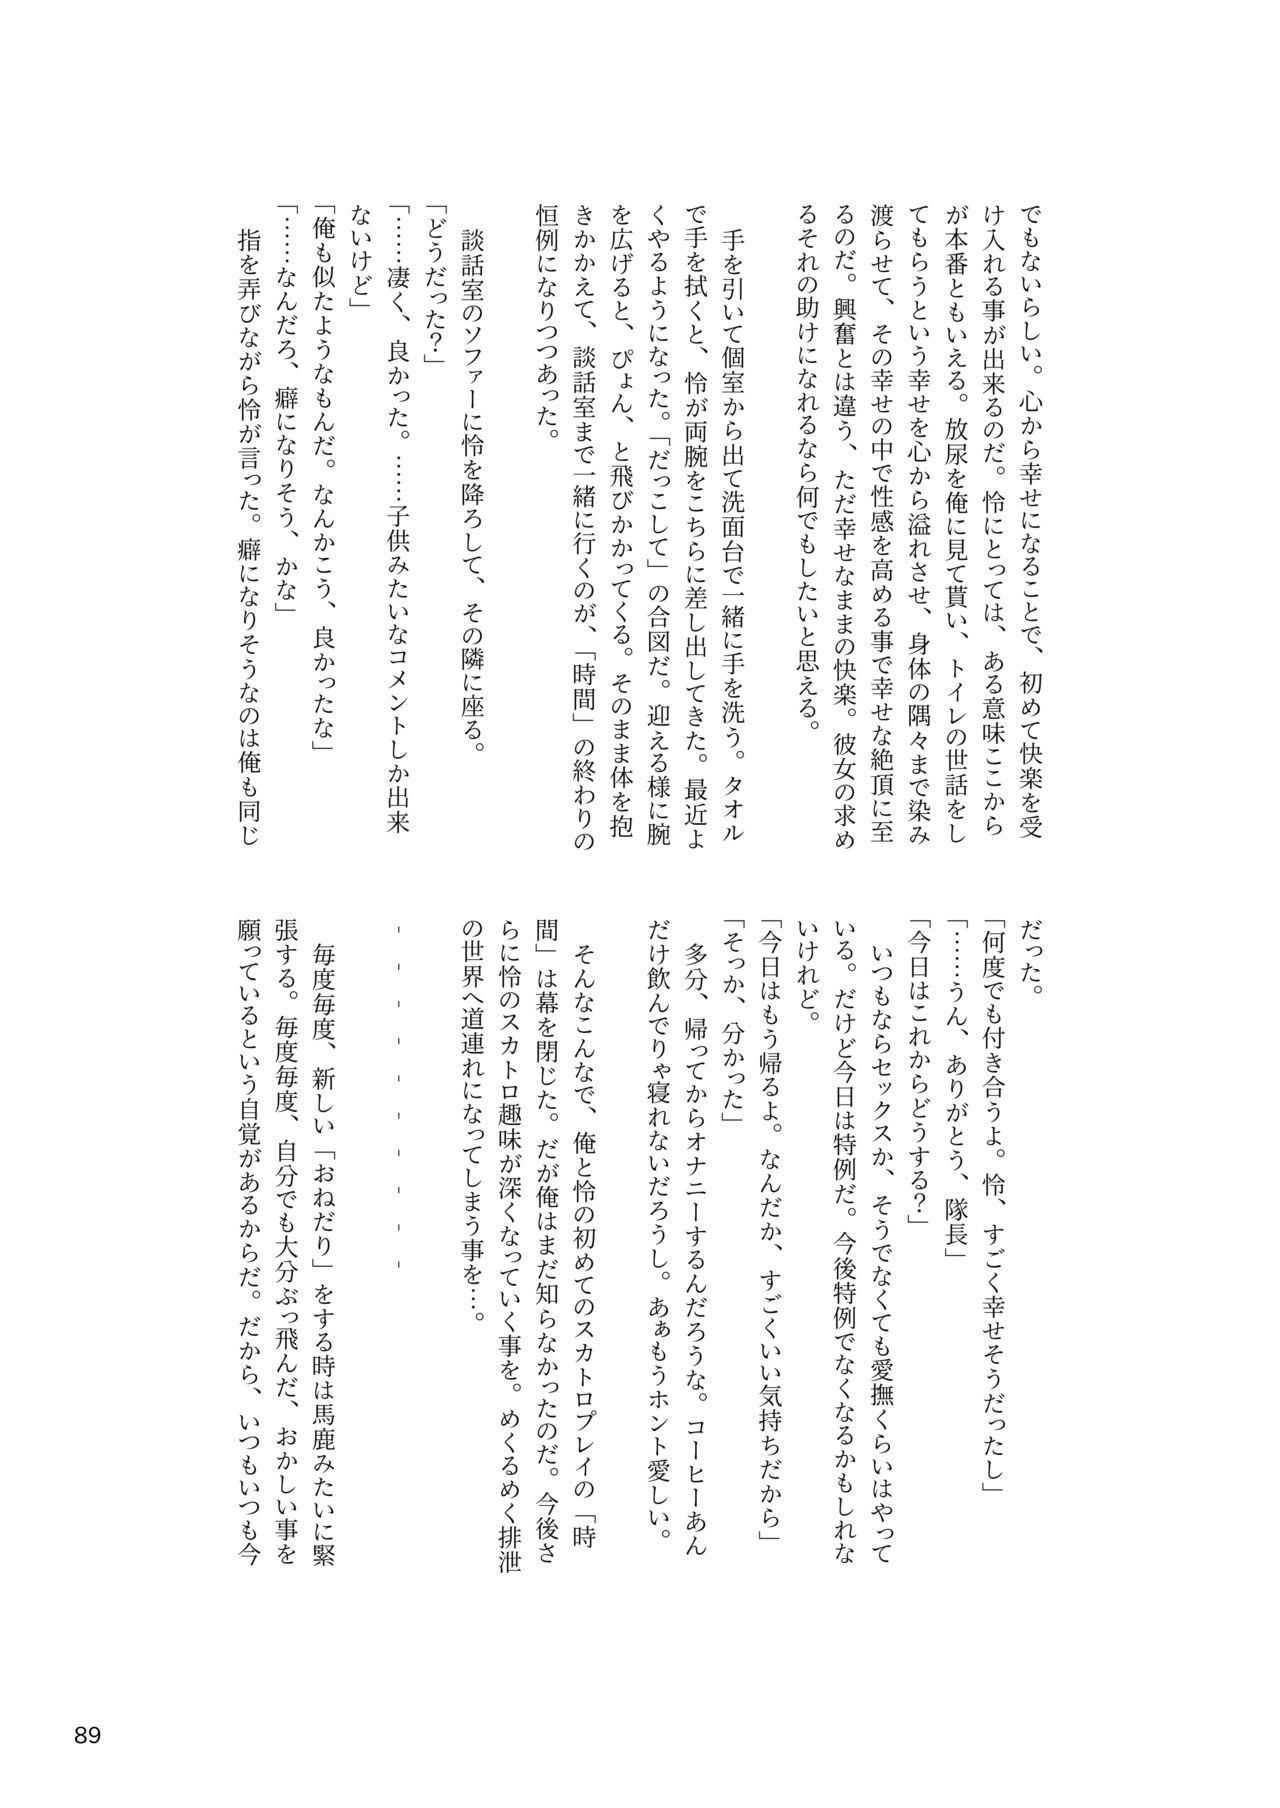 ア○スギア総合スカトロアンソロジー アクトレス排泄実態調査任務~スカポためるっすか!?~ 88